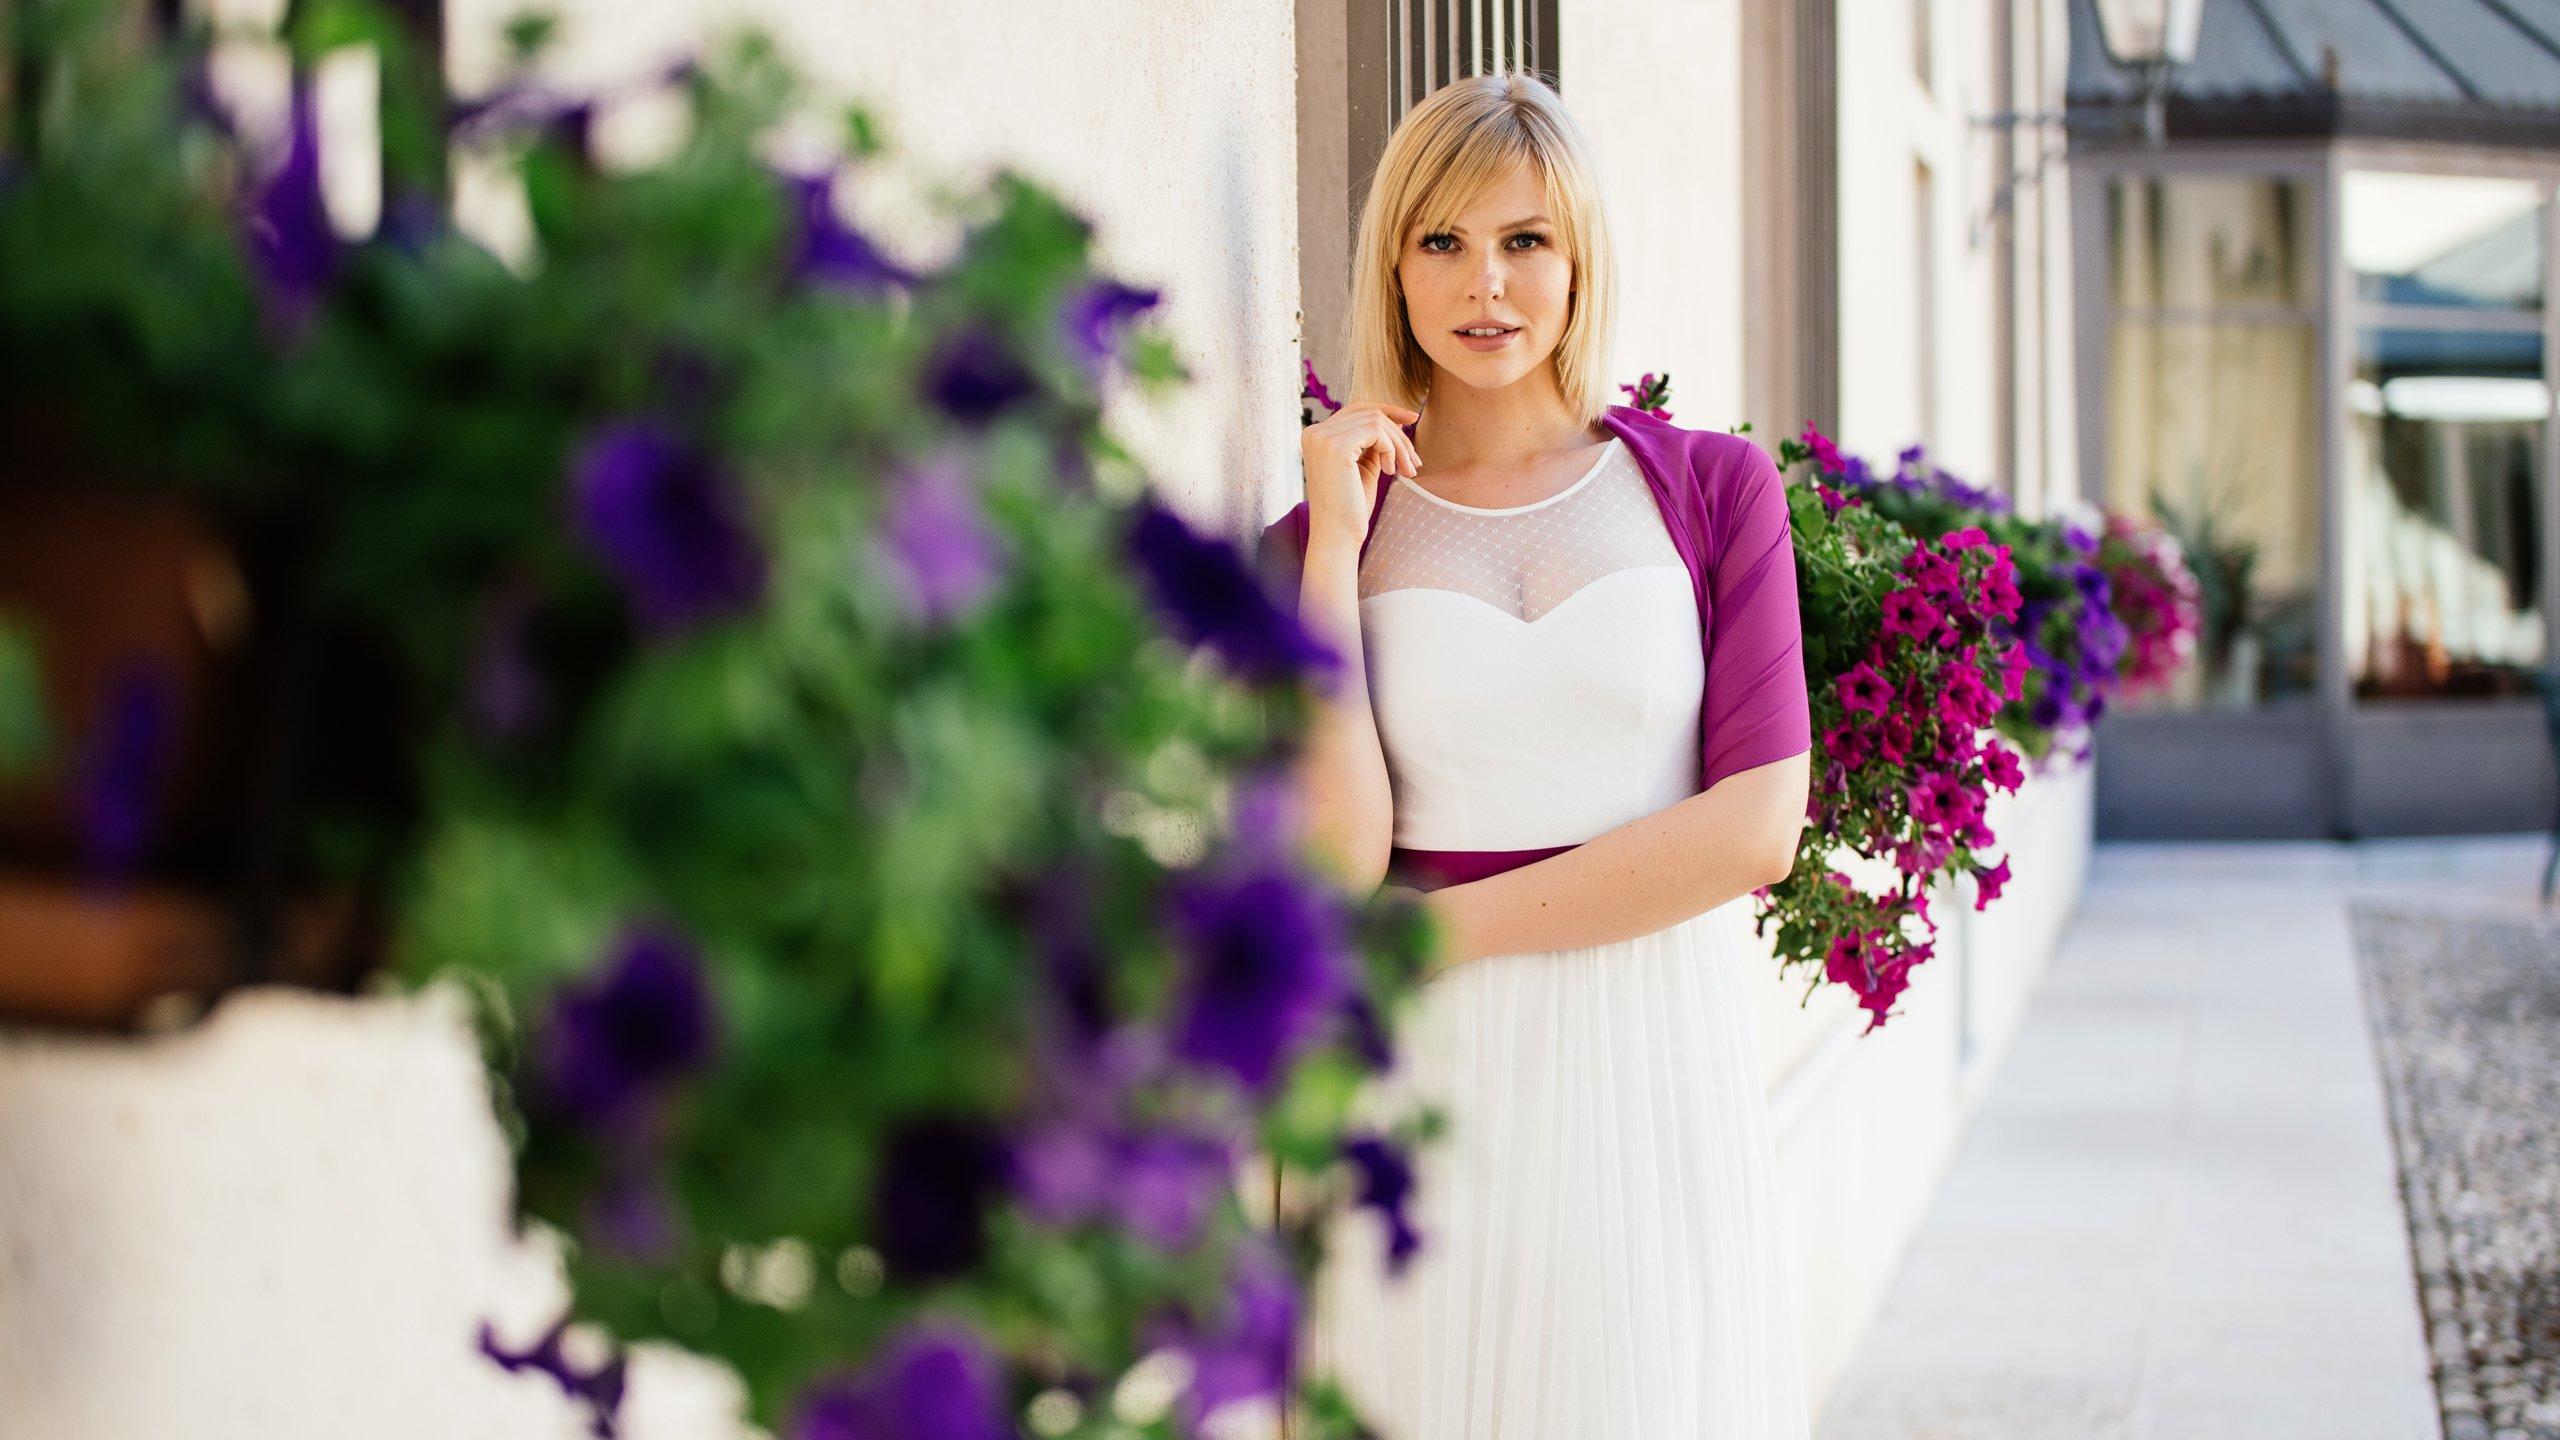 Brautkleider 2018 – Brautmode Trends für moderne Bräute